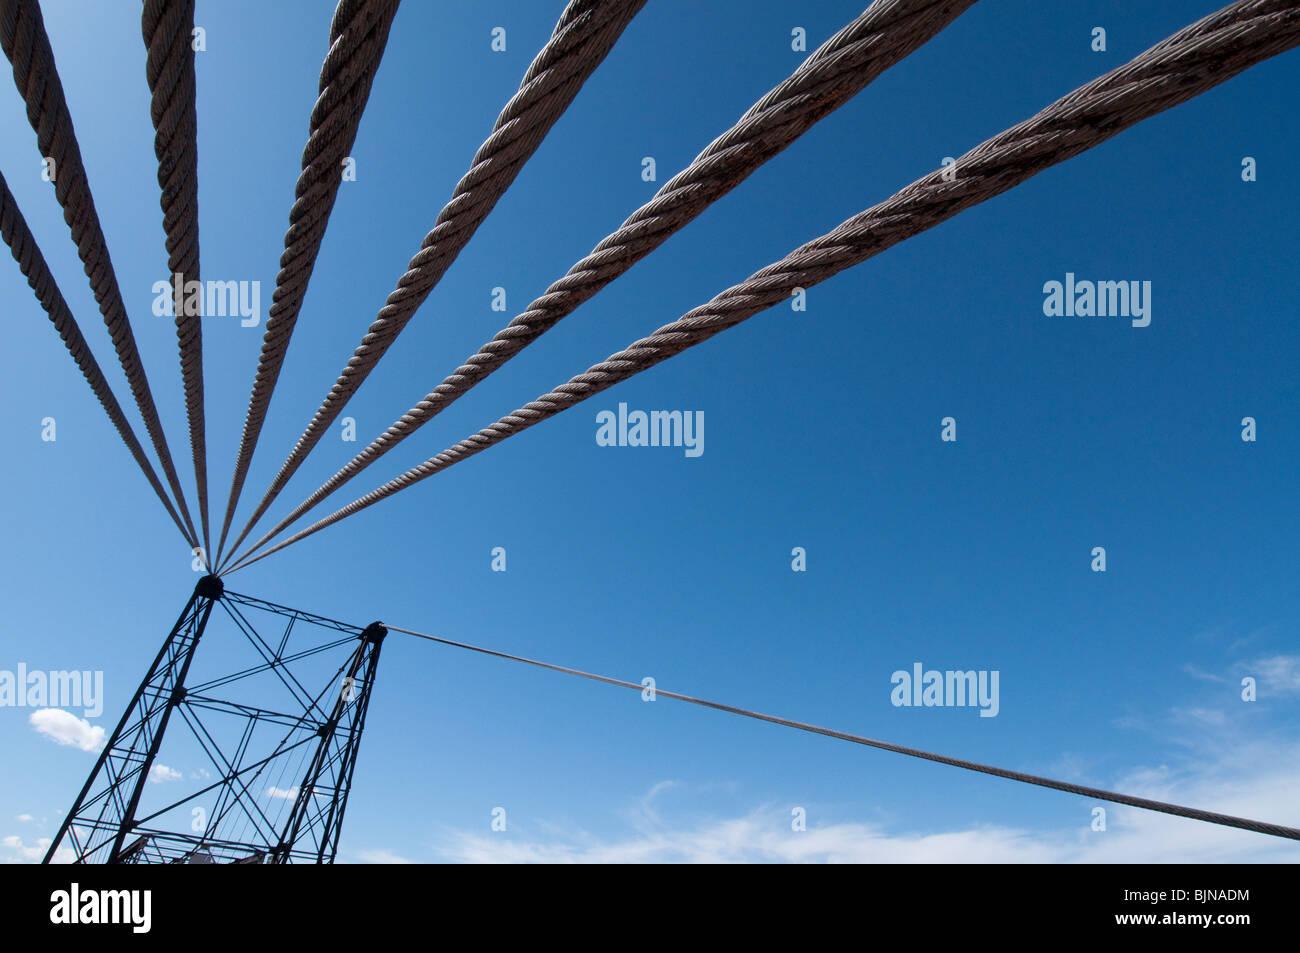 Wire Rope Bridge Stock Photos & Wire Rope Bridge Stock Images - Alamy